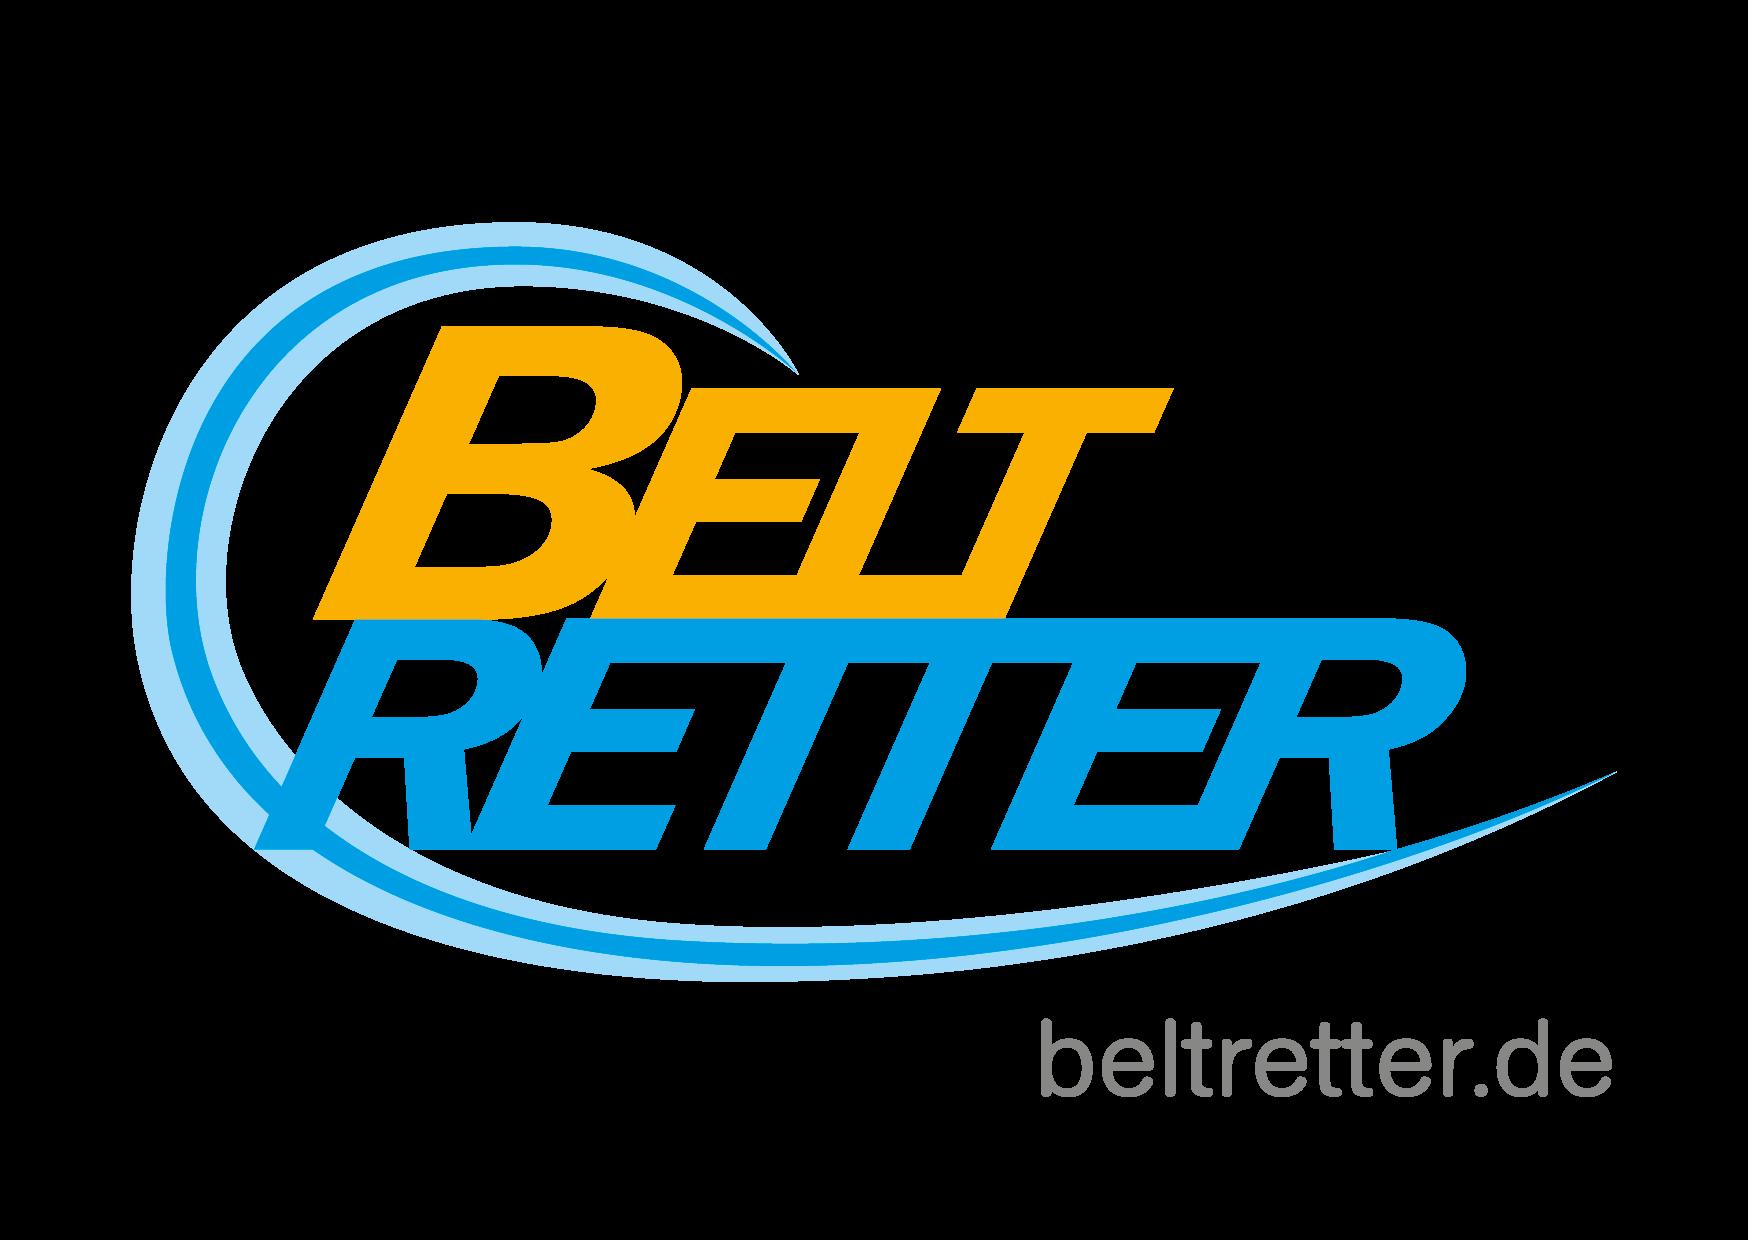 """schrift als Logo: """"Beltretter"""", dazu die URL beltretter.de"""